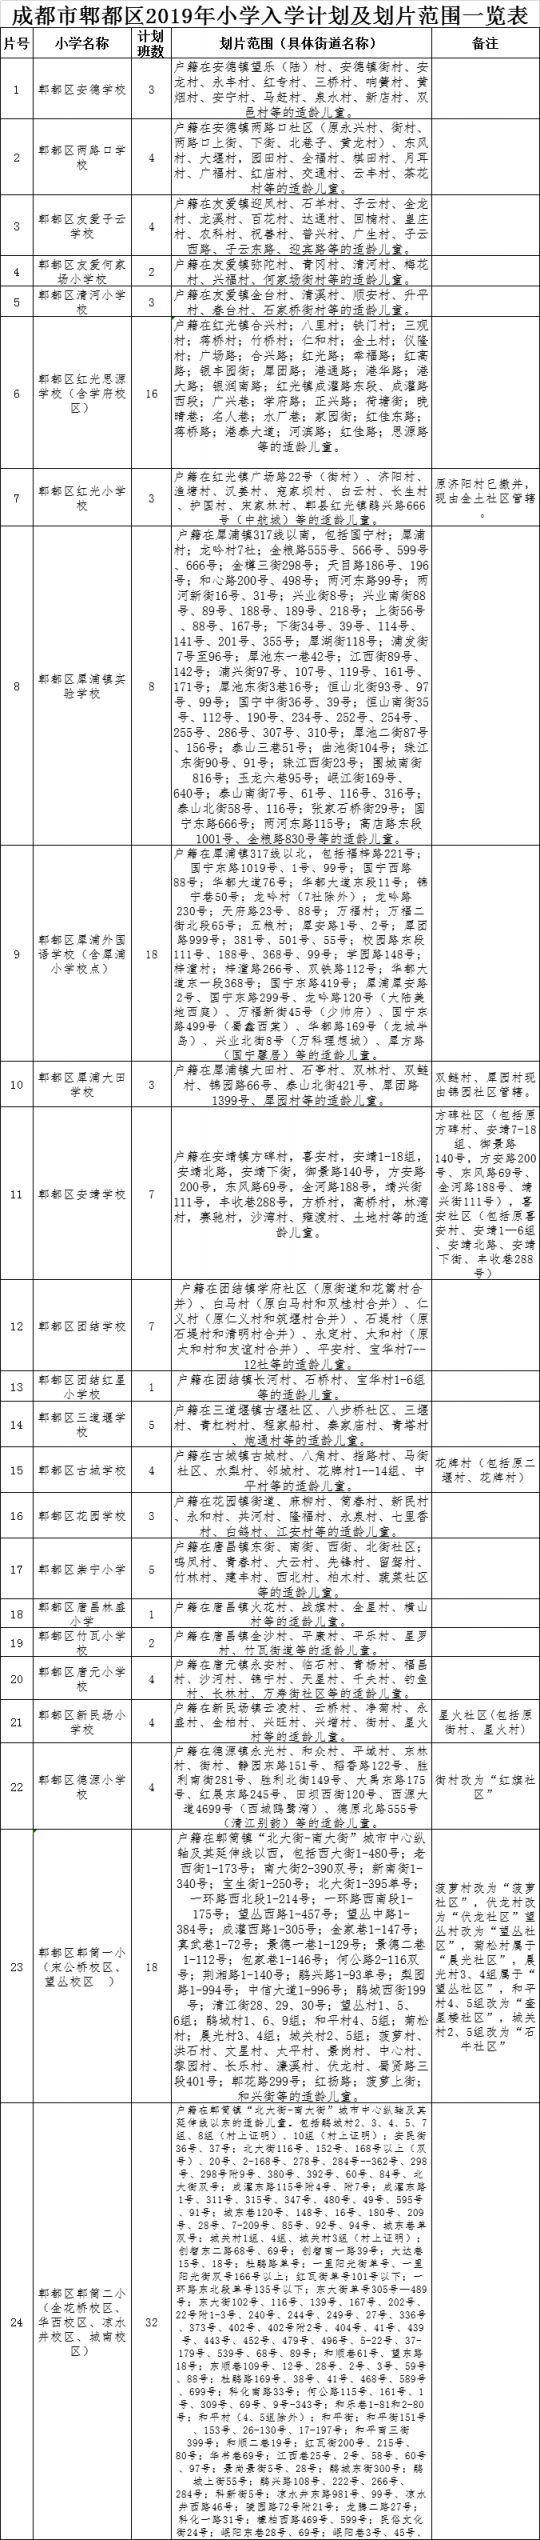 2019年成都郫都区小学划片范围一览表